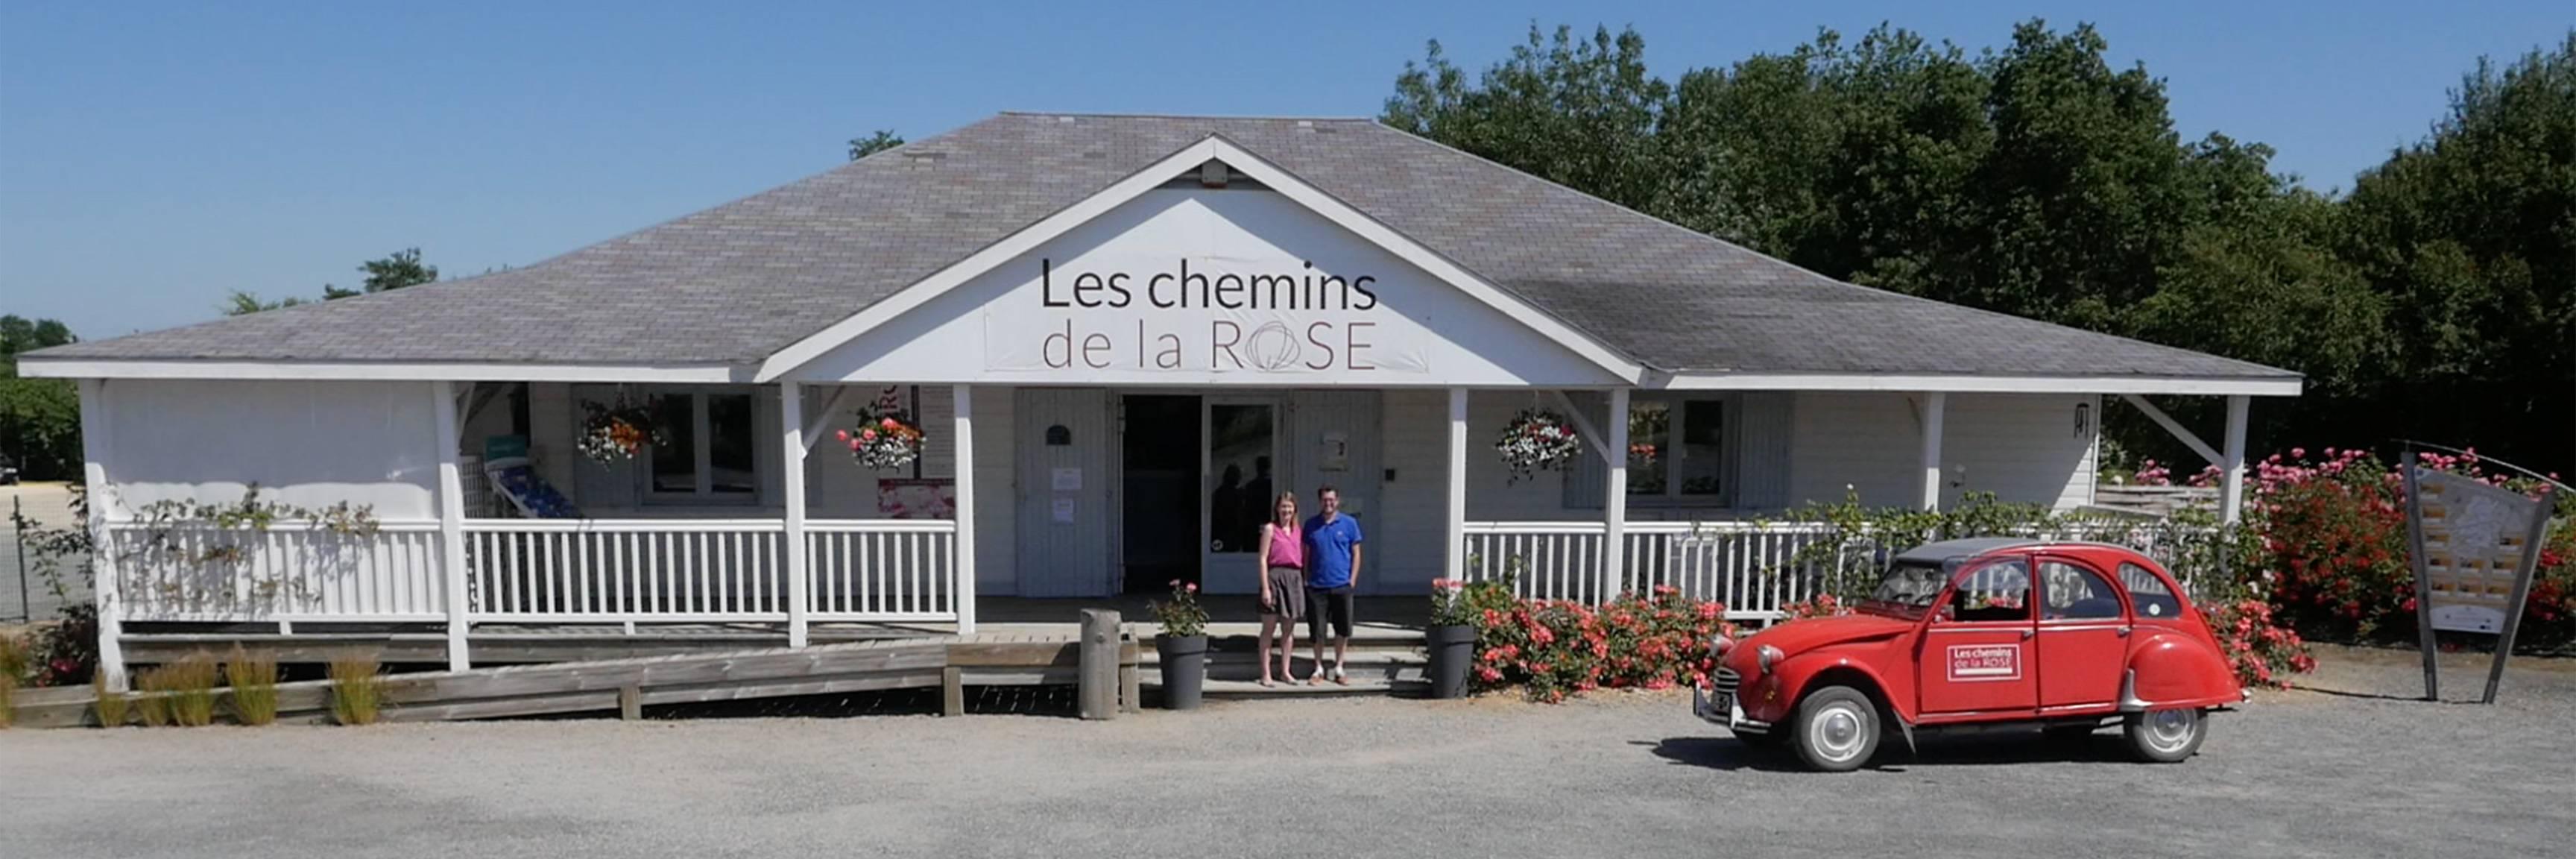 Boutique Les chemins de la rose à Doué-la-Fontaine